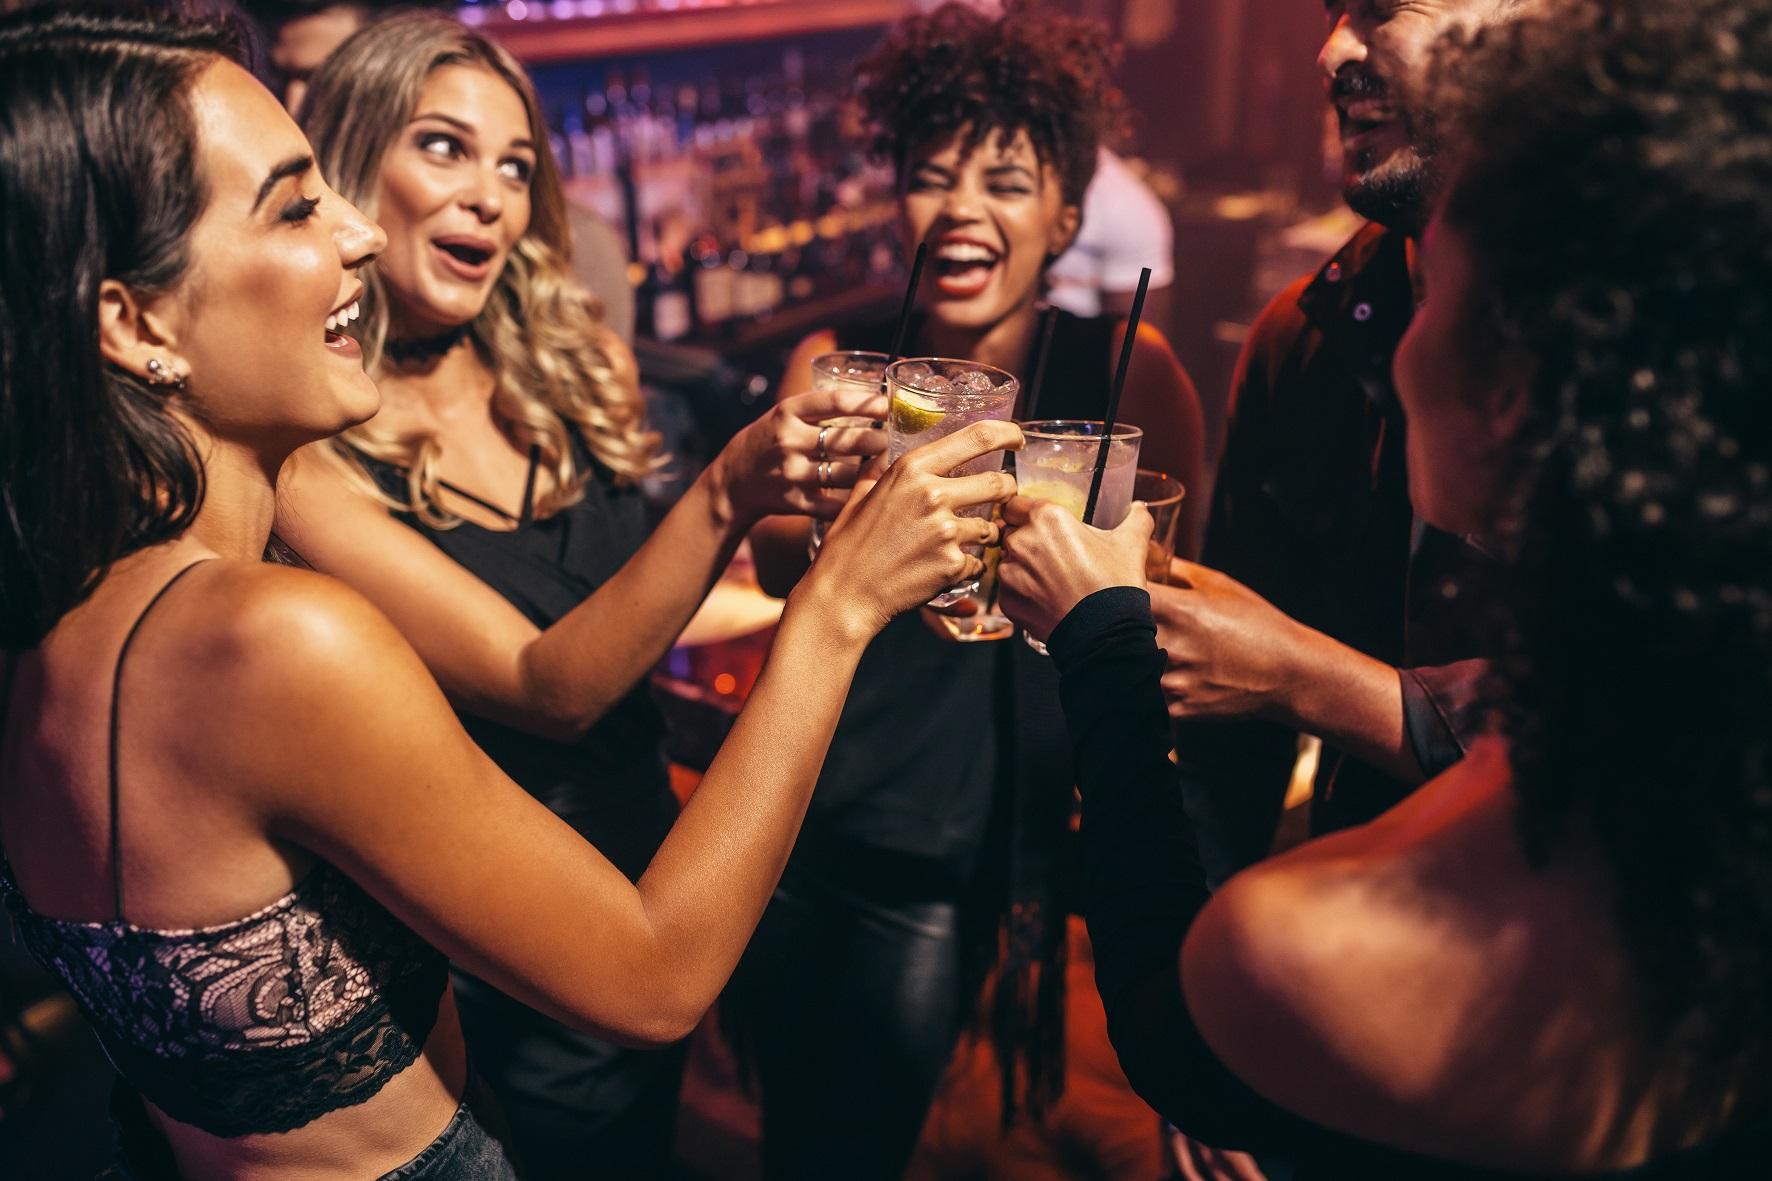 Les cocktails à boire dans les bars